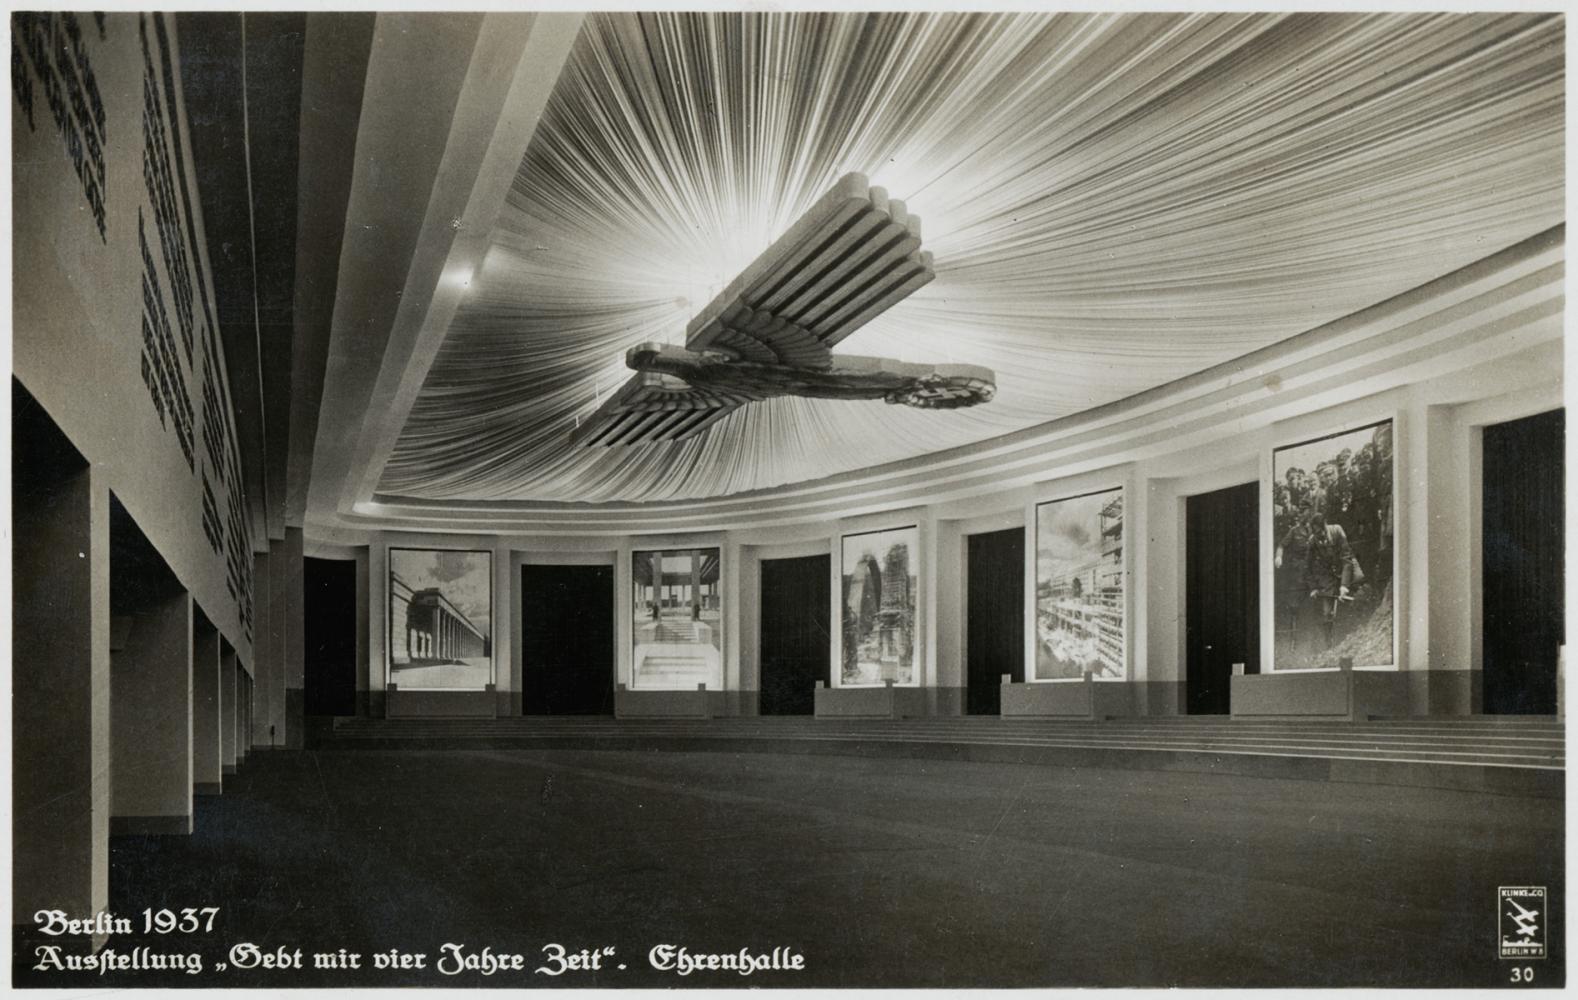 gebt-mir-vier-jahre-zeit-ausstellung-berlin-1937